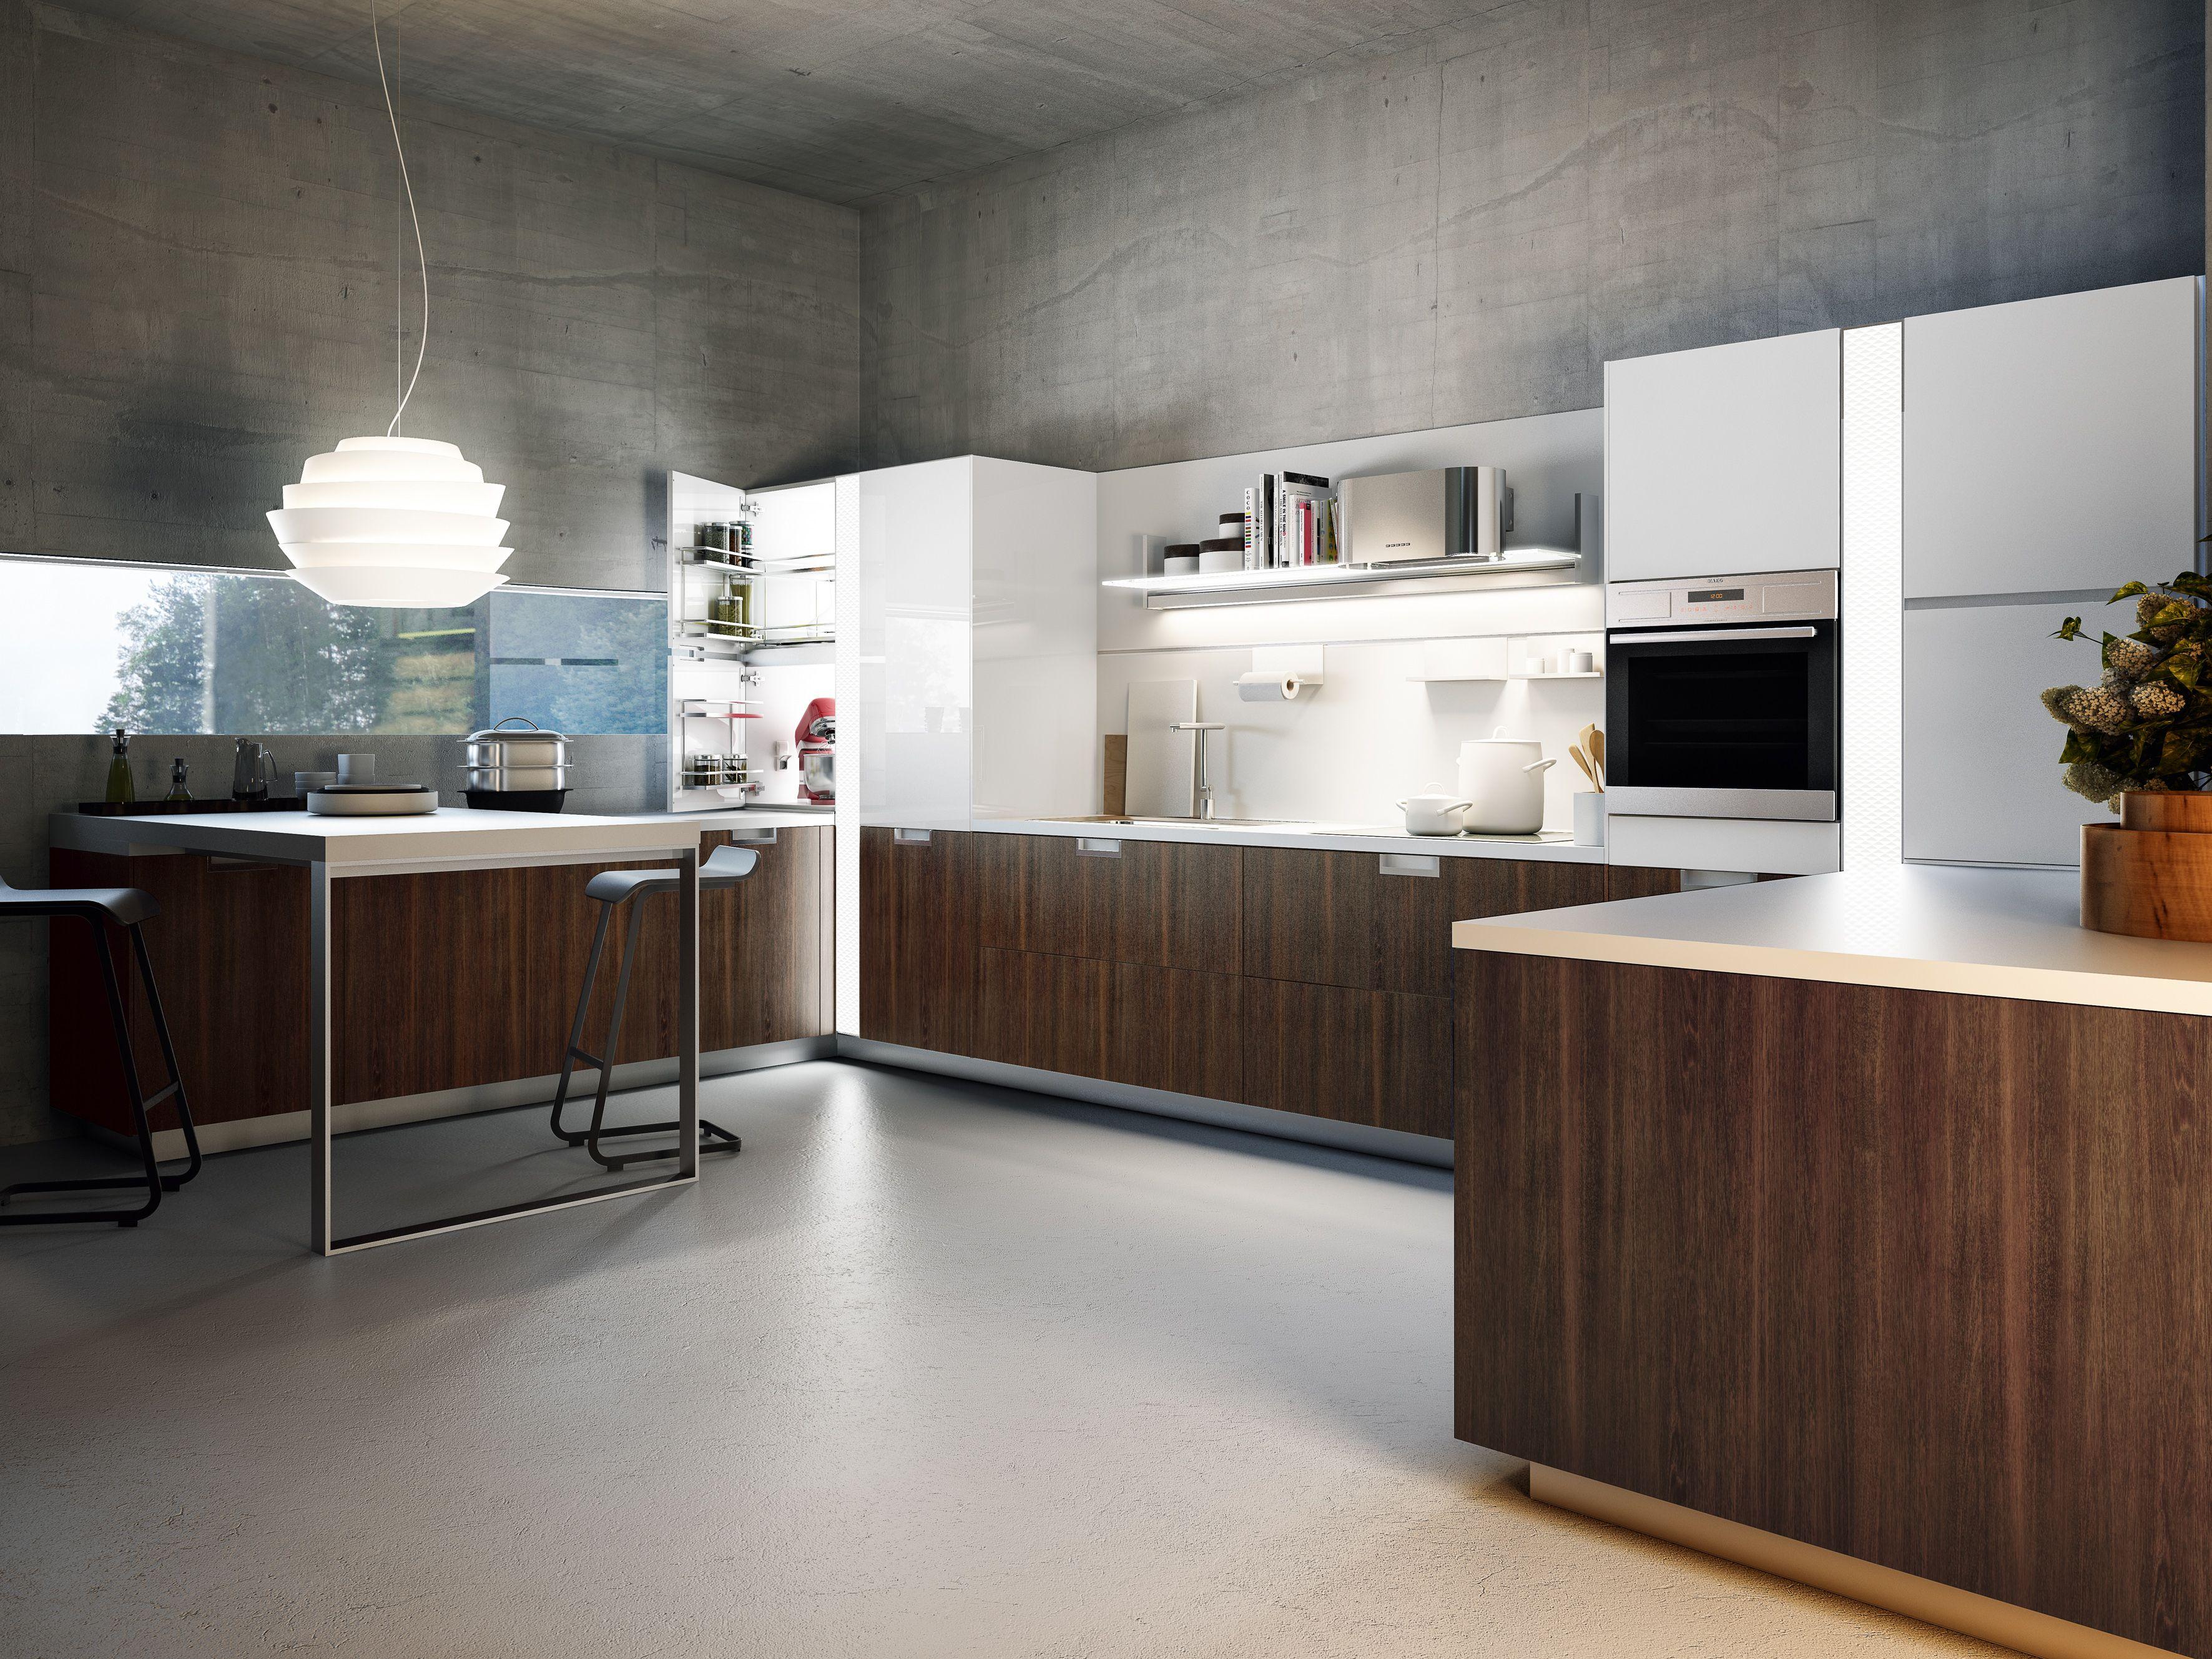 Snaidero Usa Lux Sleek Kitchen Design Modern Kitchen Modern Kitchen Design